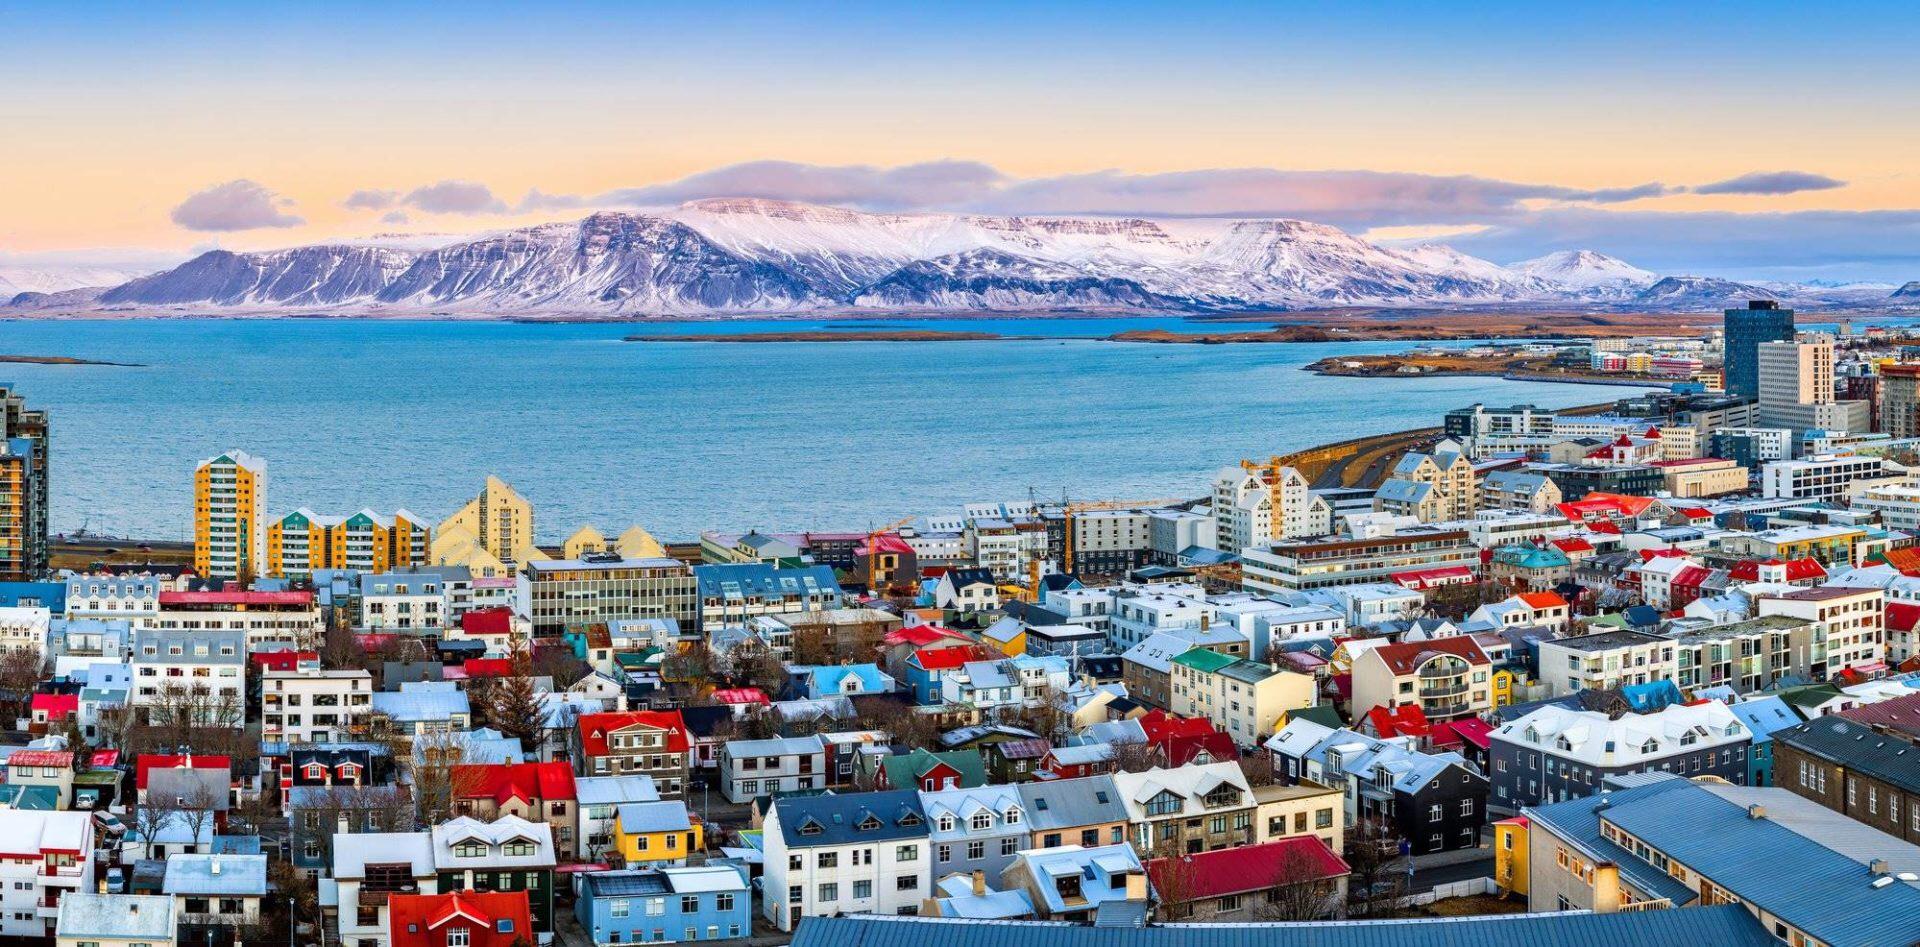 Sélection de vols A/R Paris ORY <-> Reykjavik en promotion - Ex: Vol A/R Paris ORY <-> Reykjavik Keflavik du 24 au 26 Septembre 2019